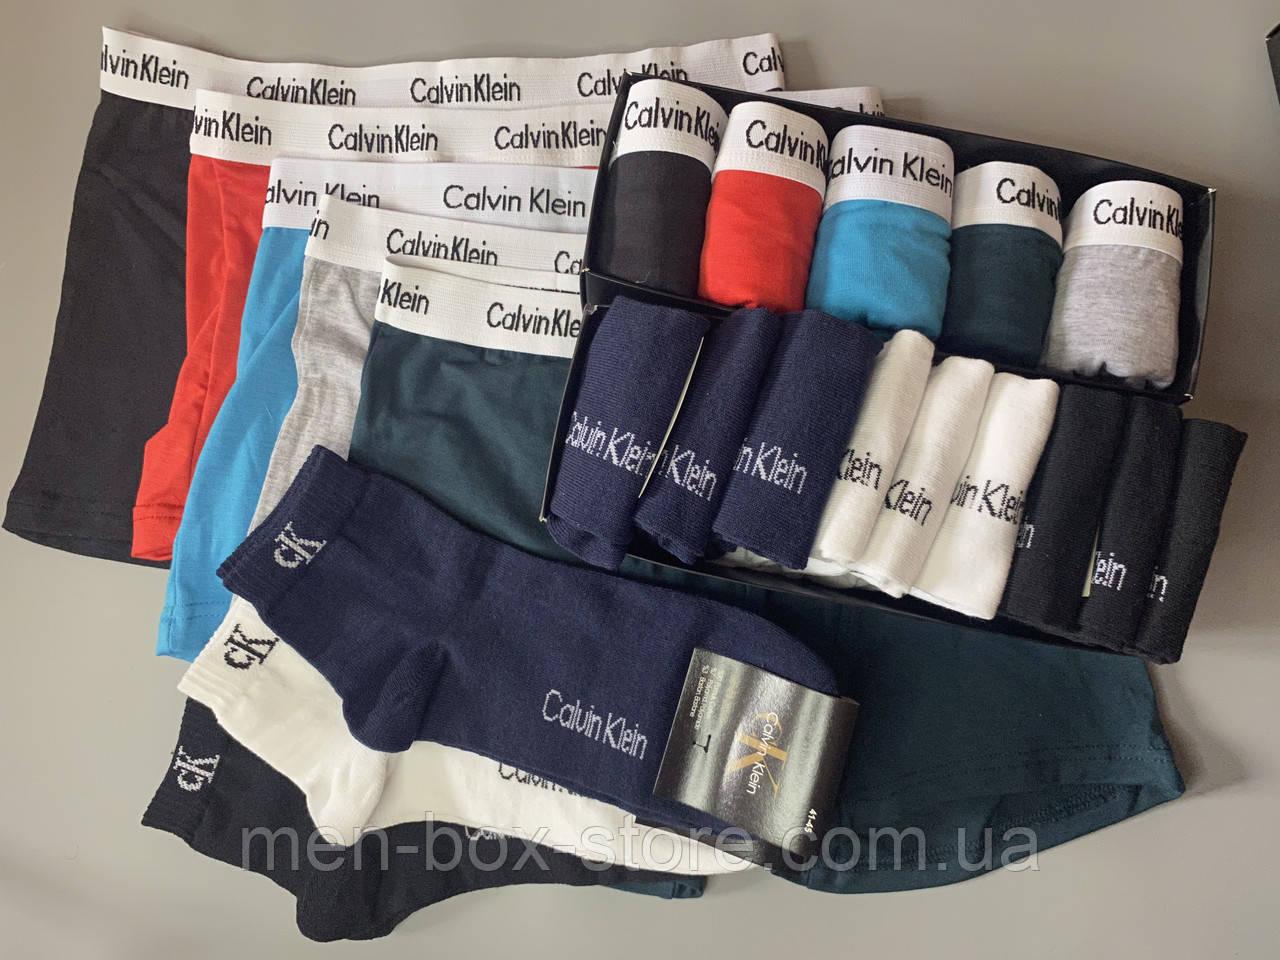 Мужские трусы боксеры и носки (5 шт.) + носки (12 пар).(в подарочных коробках. Трусы транки боксеры шорты 1 L